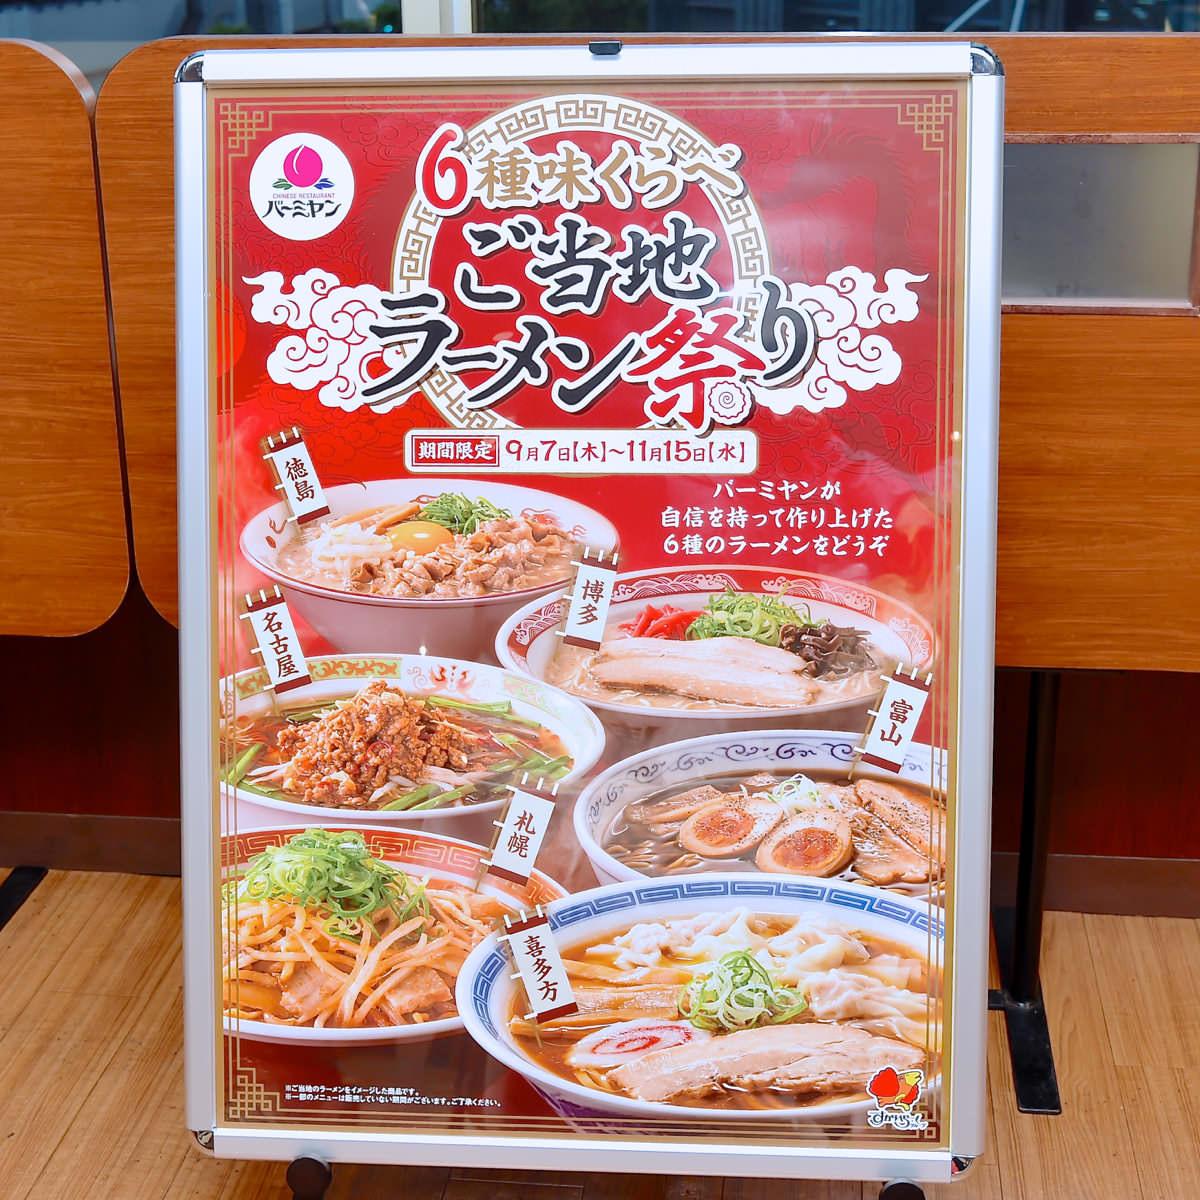 バーミヤン「6種味くらべ ご当地ラーメン祭り」ポスター